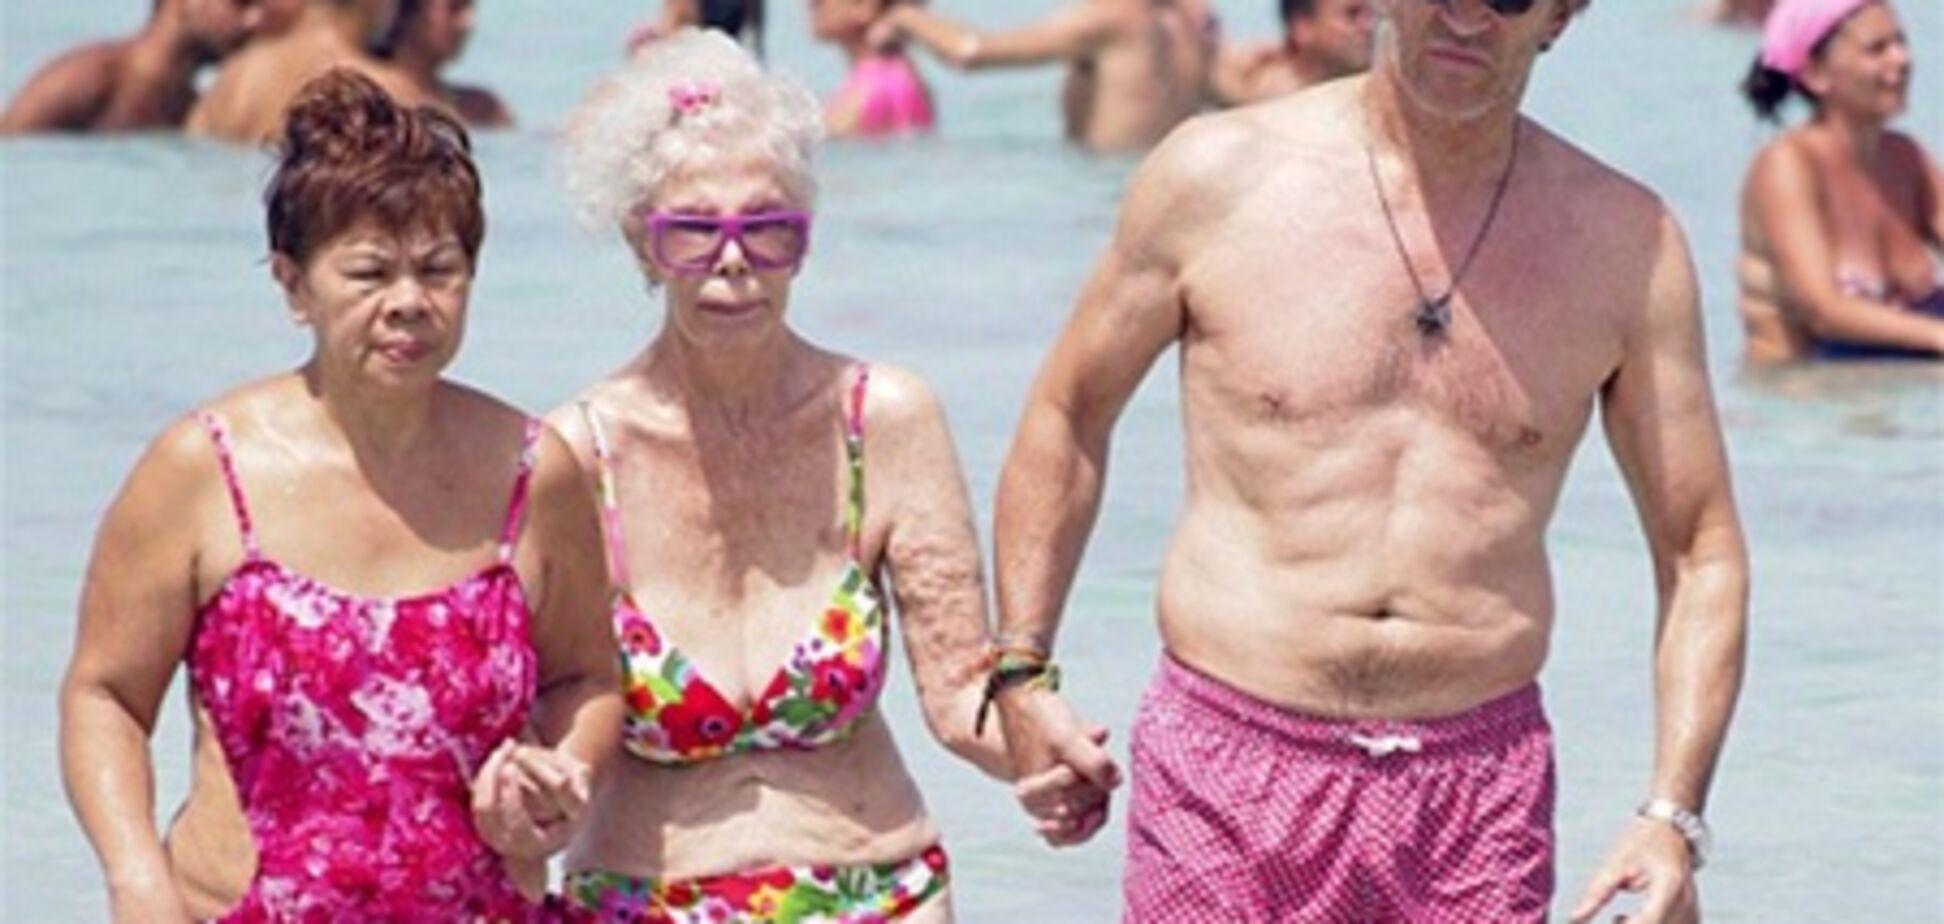 Испанская герцогиня отожгла на пляже. Фото